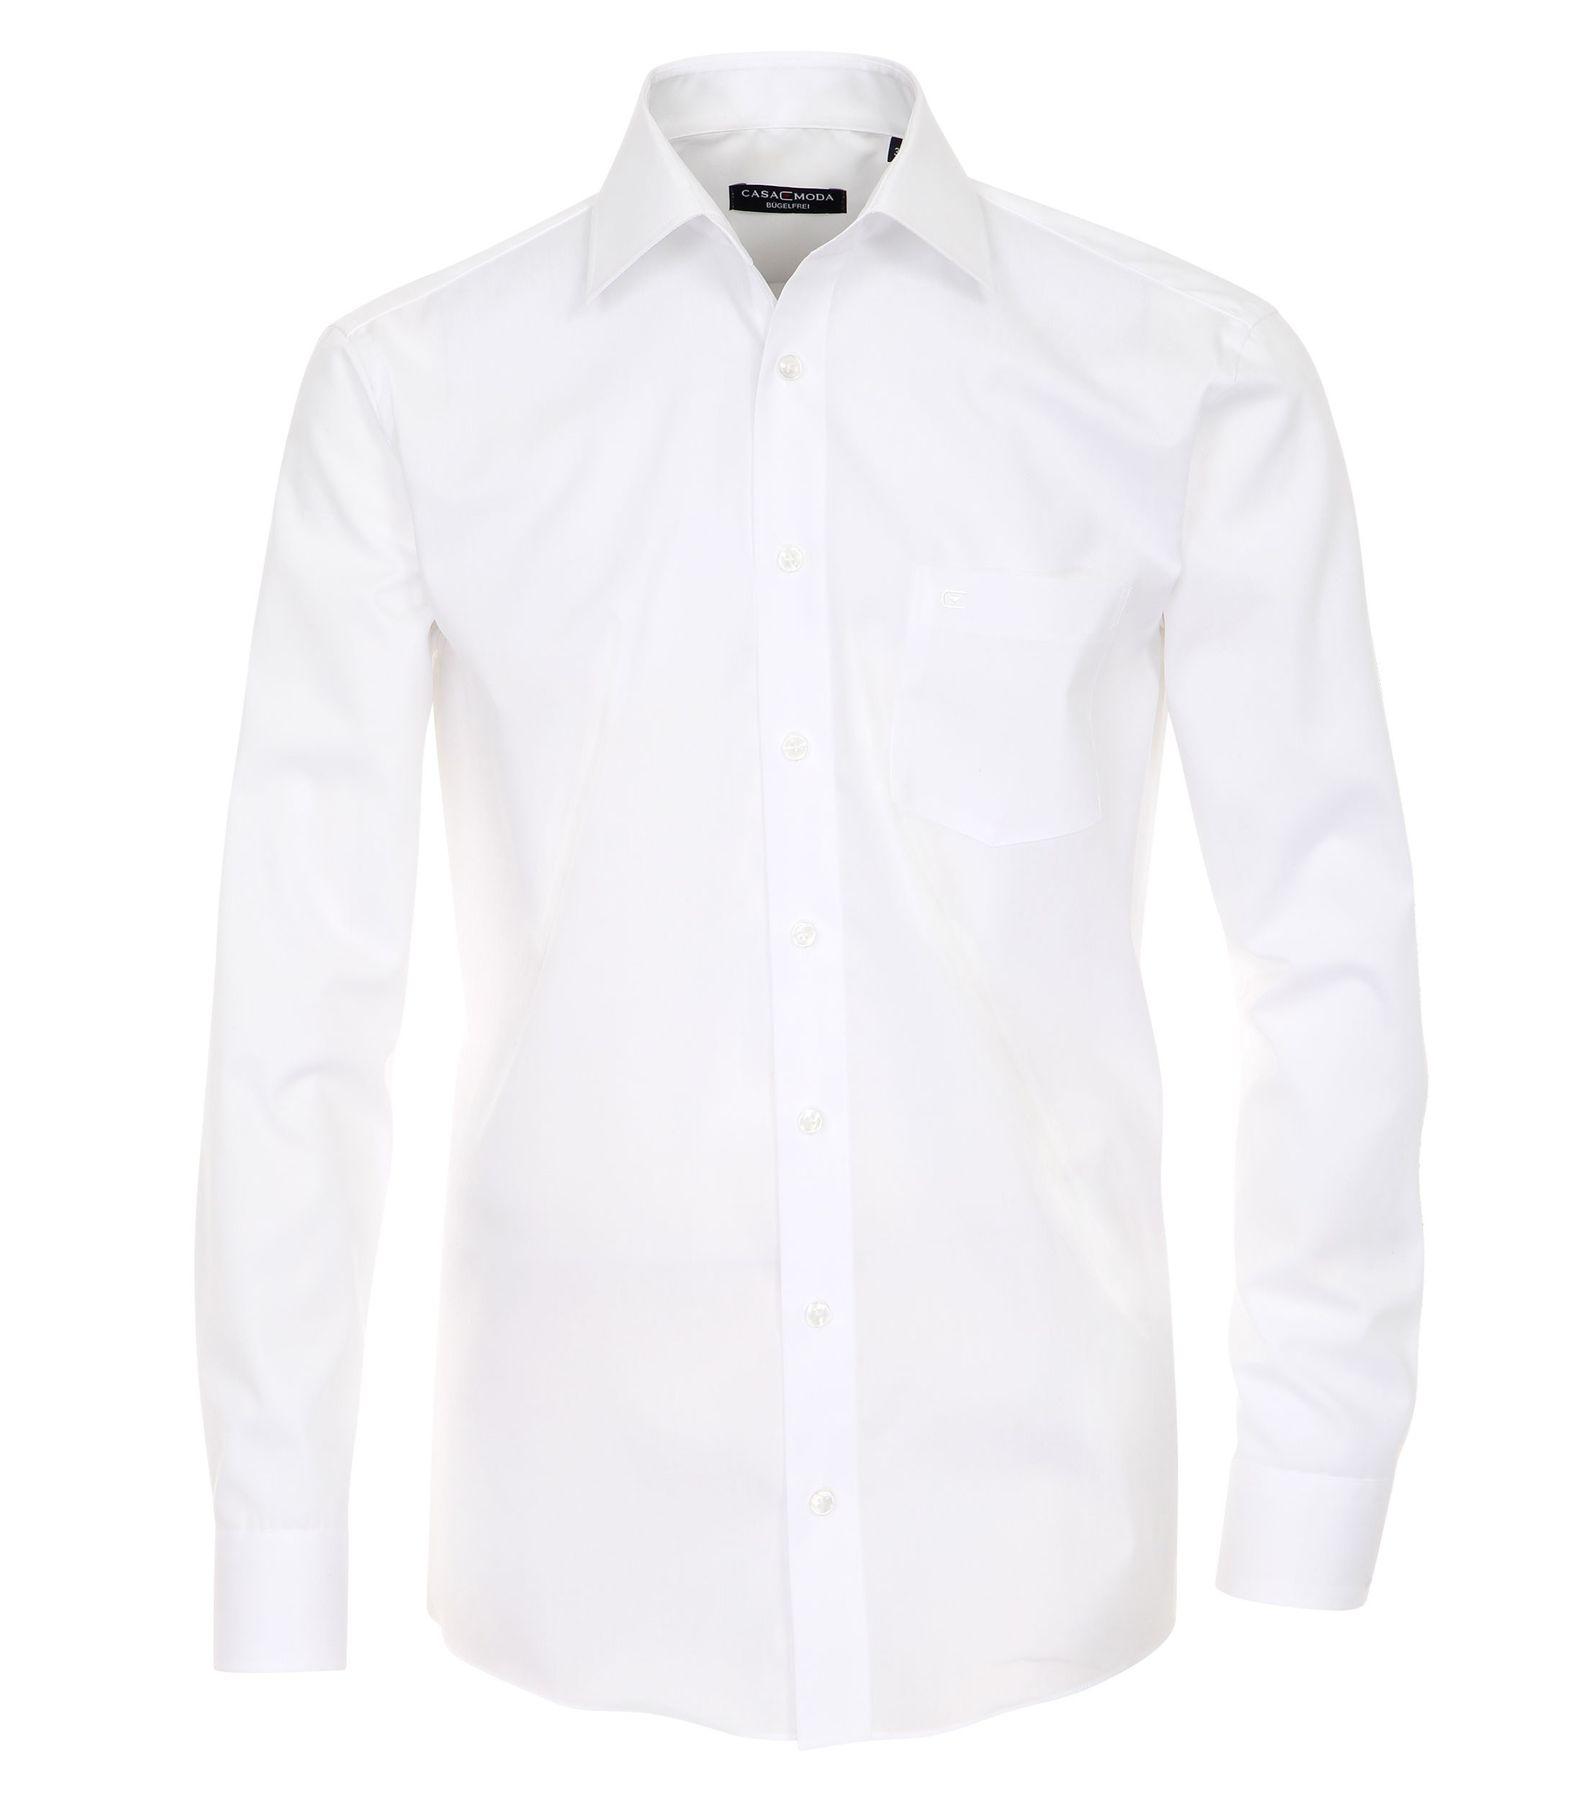 Casa Moda - Comfort Fit - Bügelfreies Herren Business langarm Hemd verschiedene Farben (006050) – Bild 6